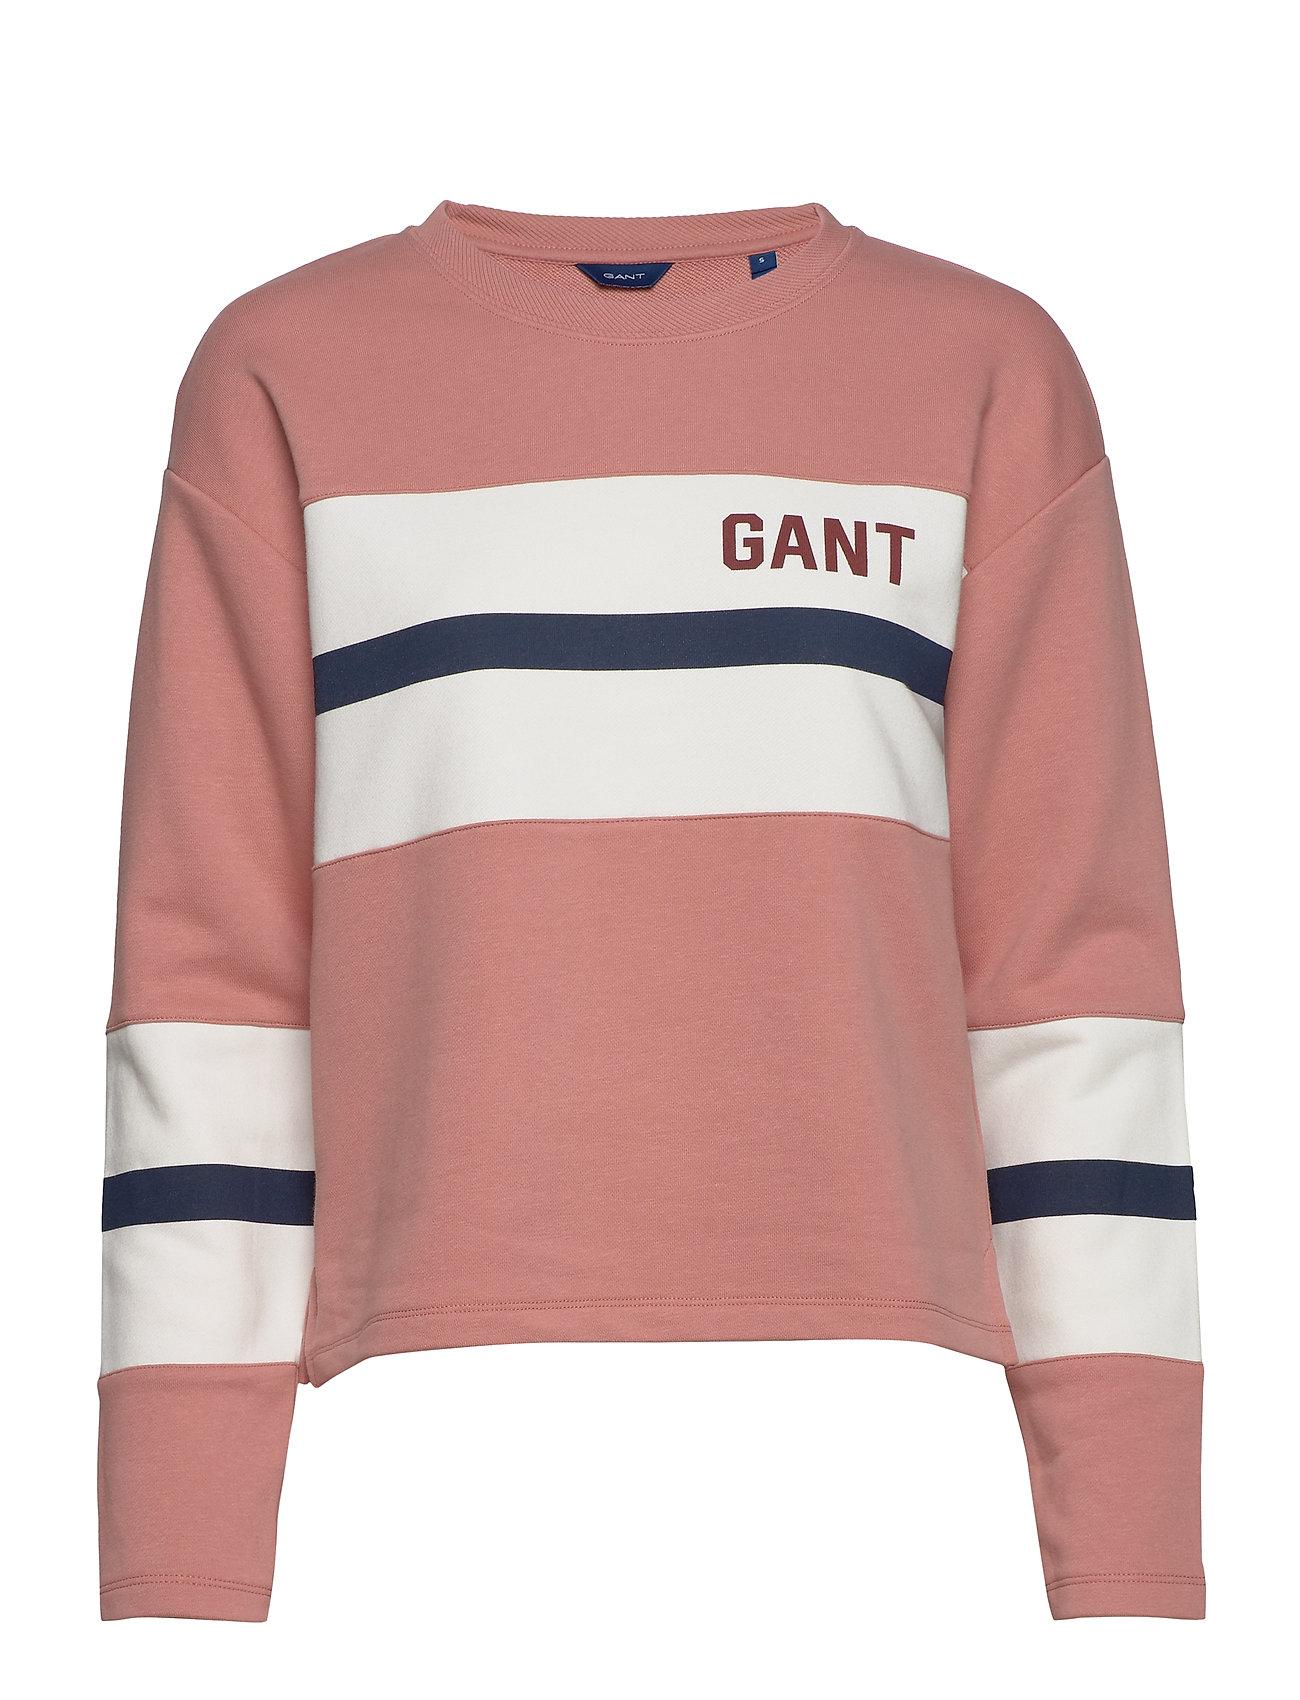 Gant D1.GRAPHIC BLOCK STRIPE C-NECK - ASH ROSE